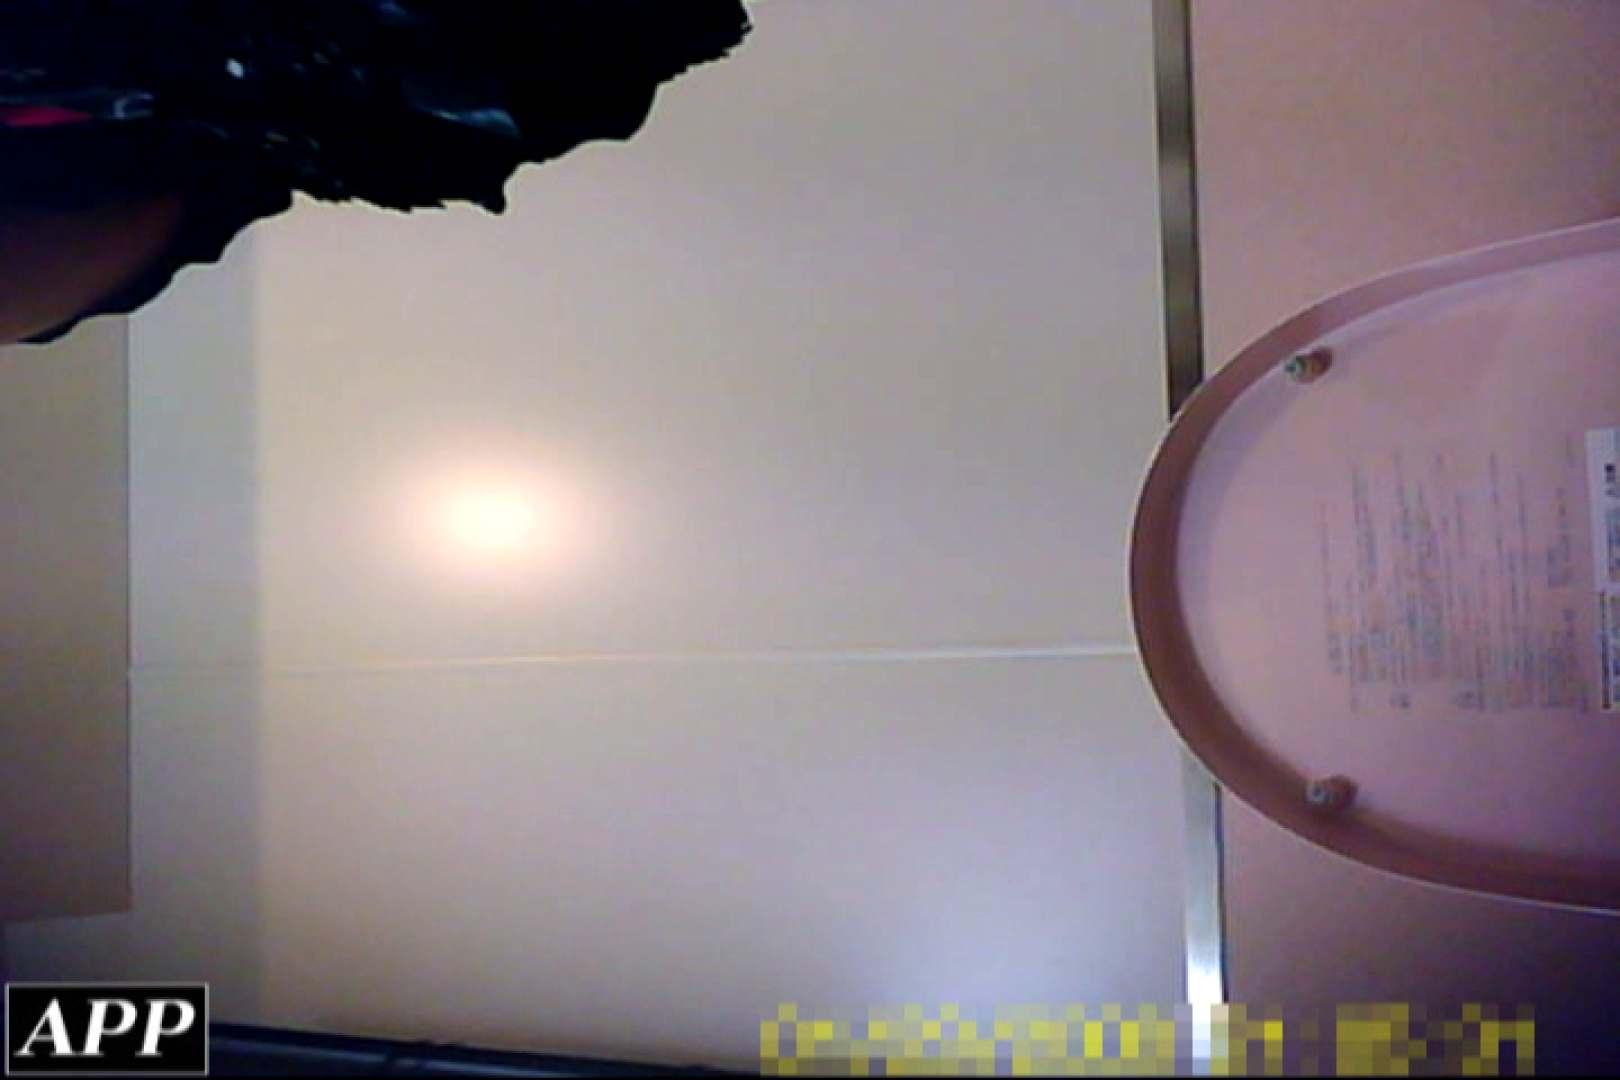 3視点洗面所 vol.19 肛門に入れて〜 隠し撮りオマンコ動画紹介 55pic 35